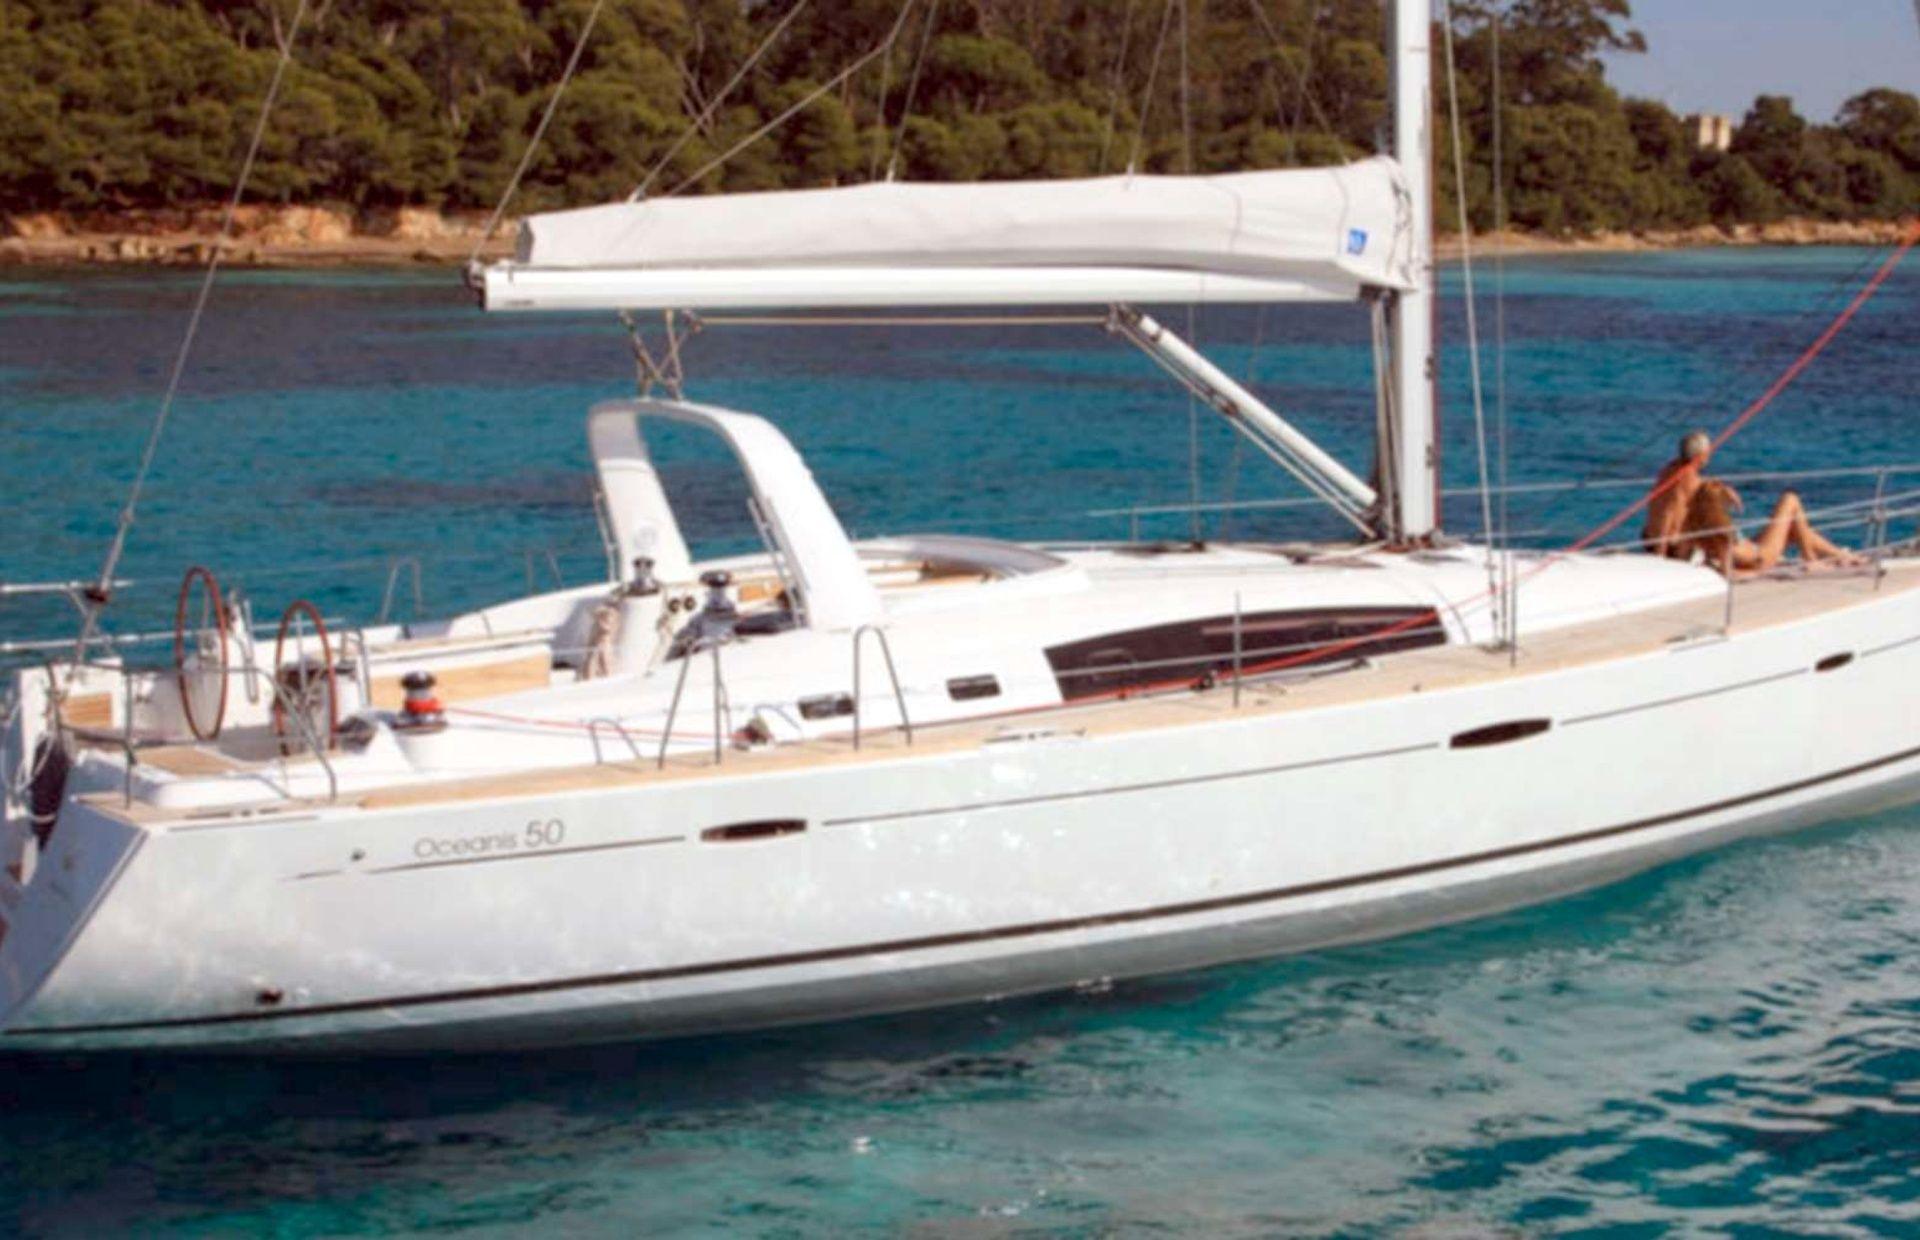 https://media.insailing.com/boat/oceanis-50-family/image_1571039822656.jpg